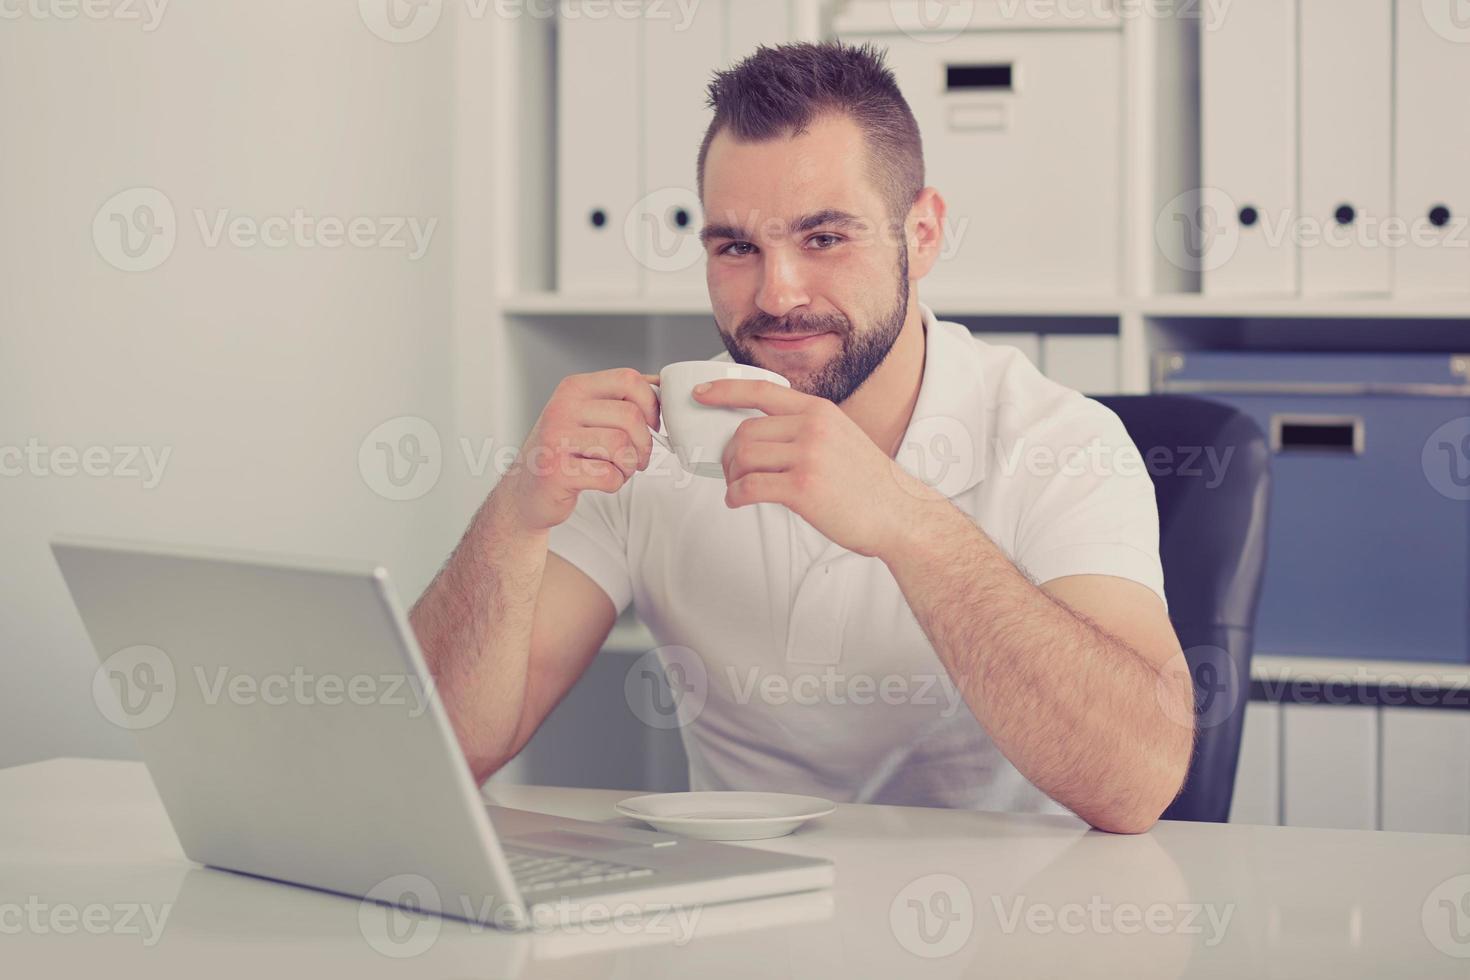 giovane imprenditore bere caffè, tonica foto